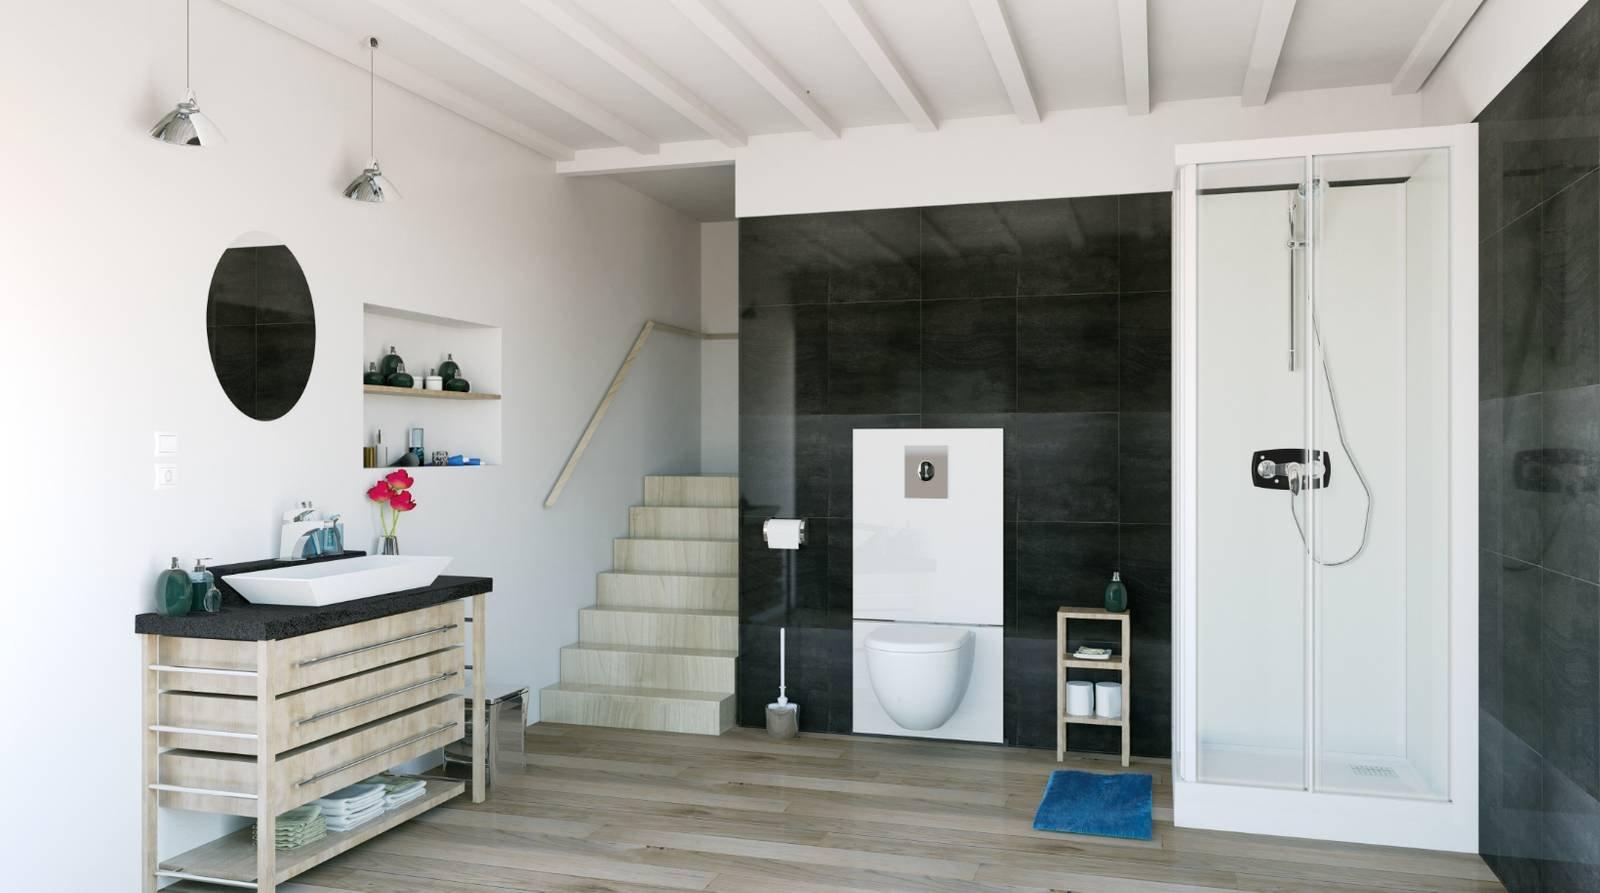 Spostare il bagno e spostare la cucina dove vuoi. quando si può